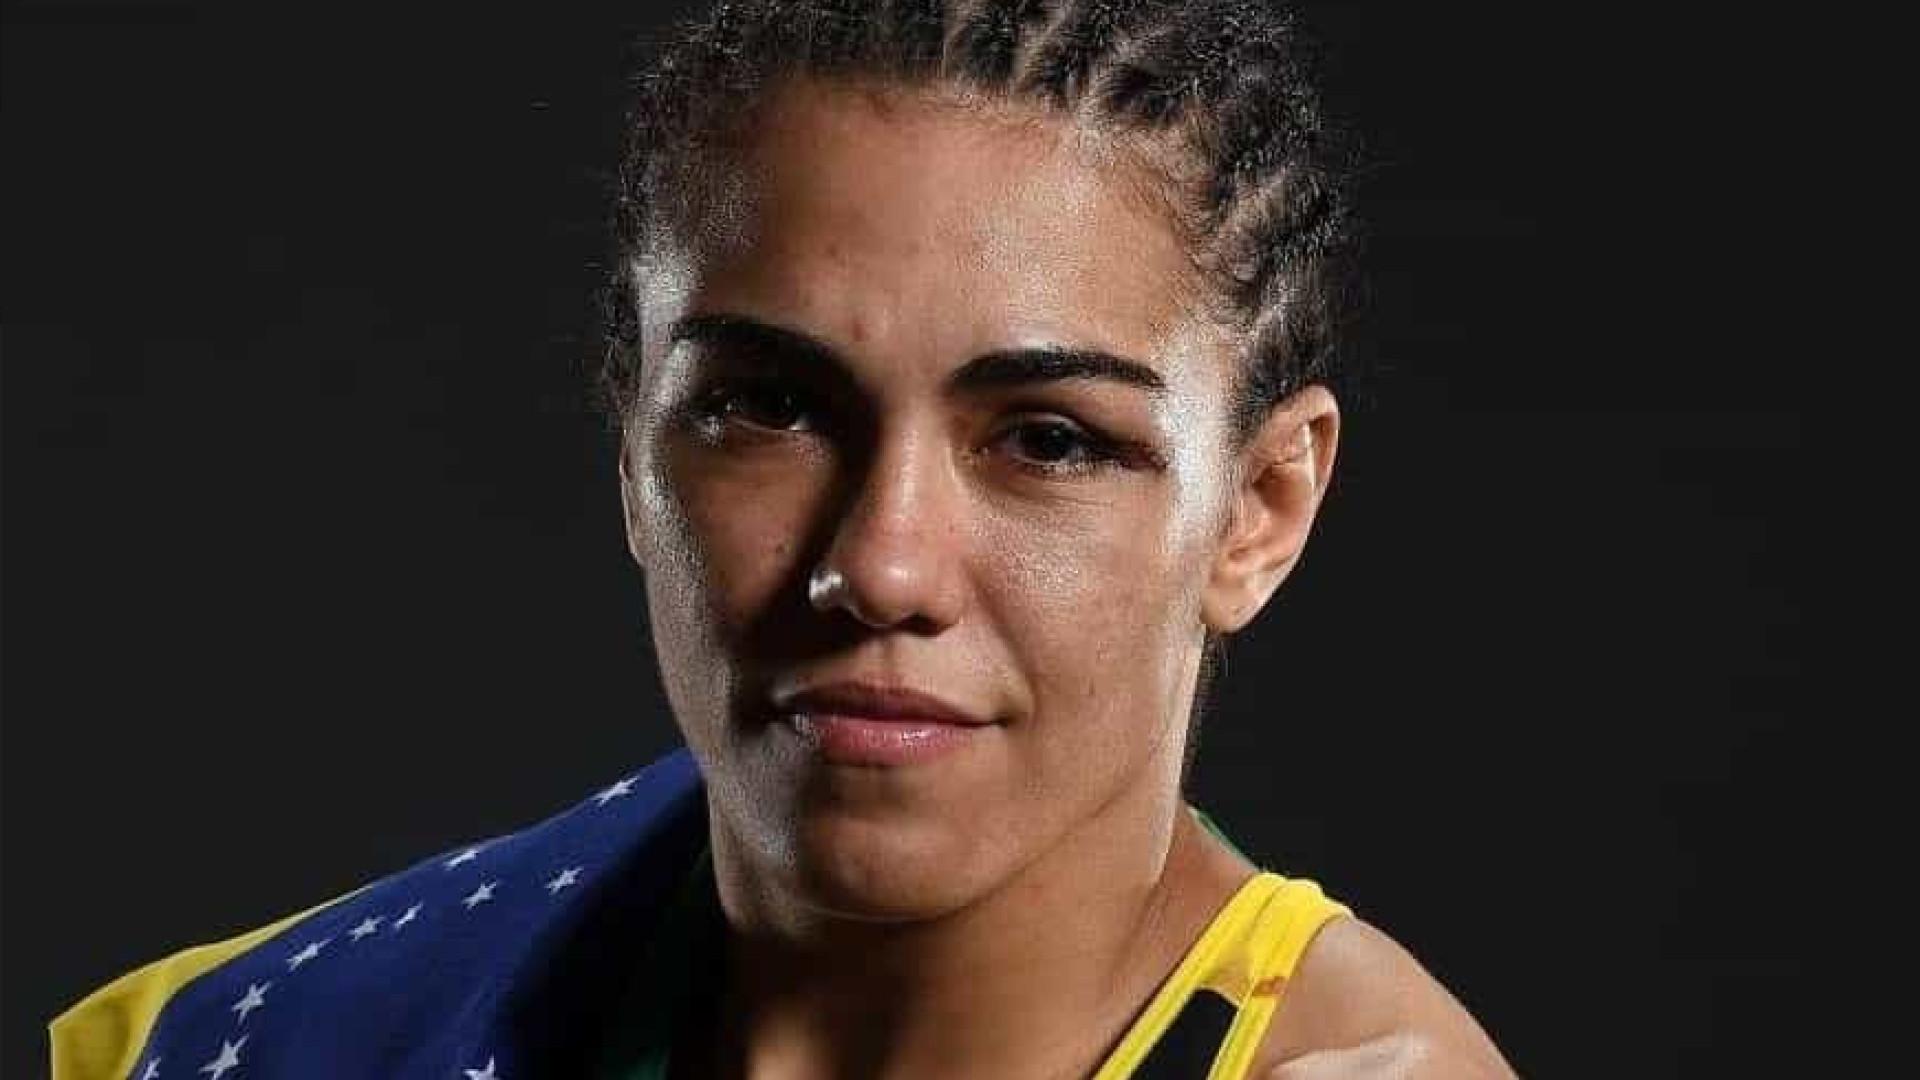 Lutadora da UFC assaltada no Rio de Janeiro